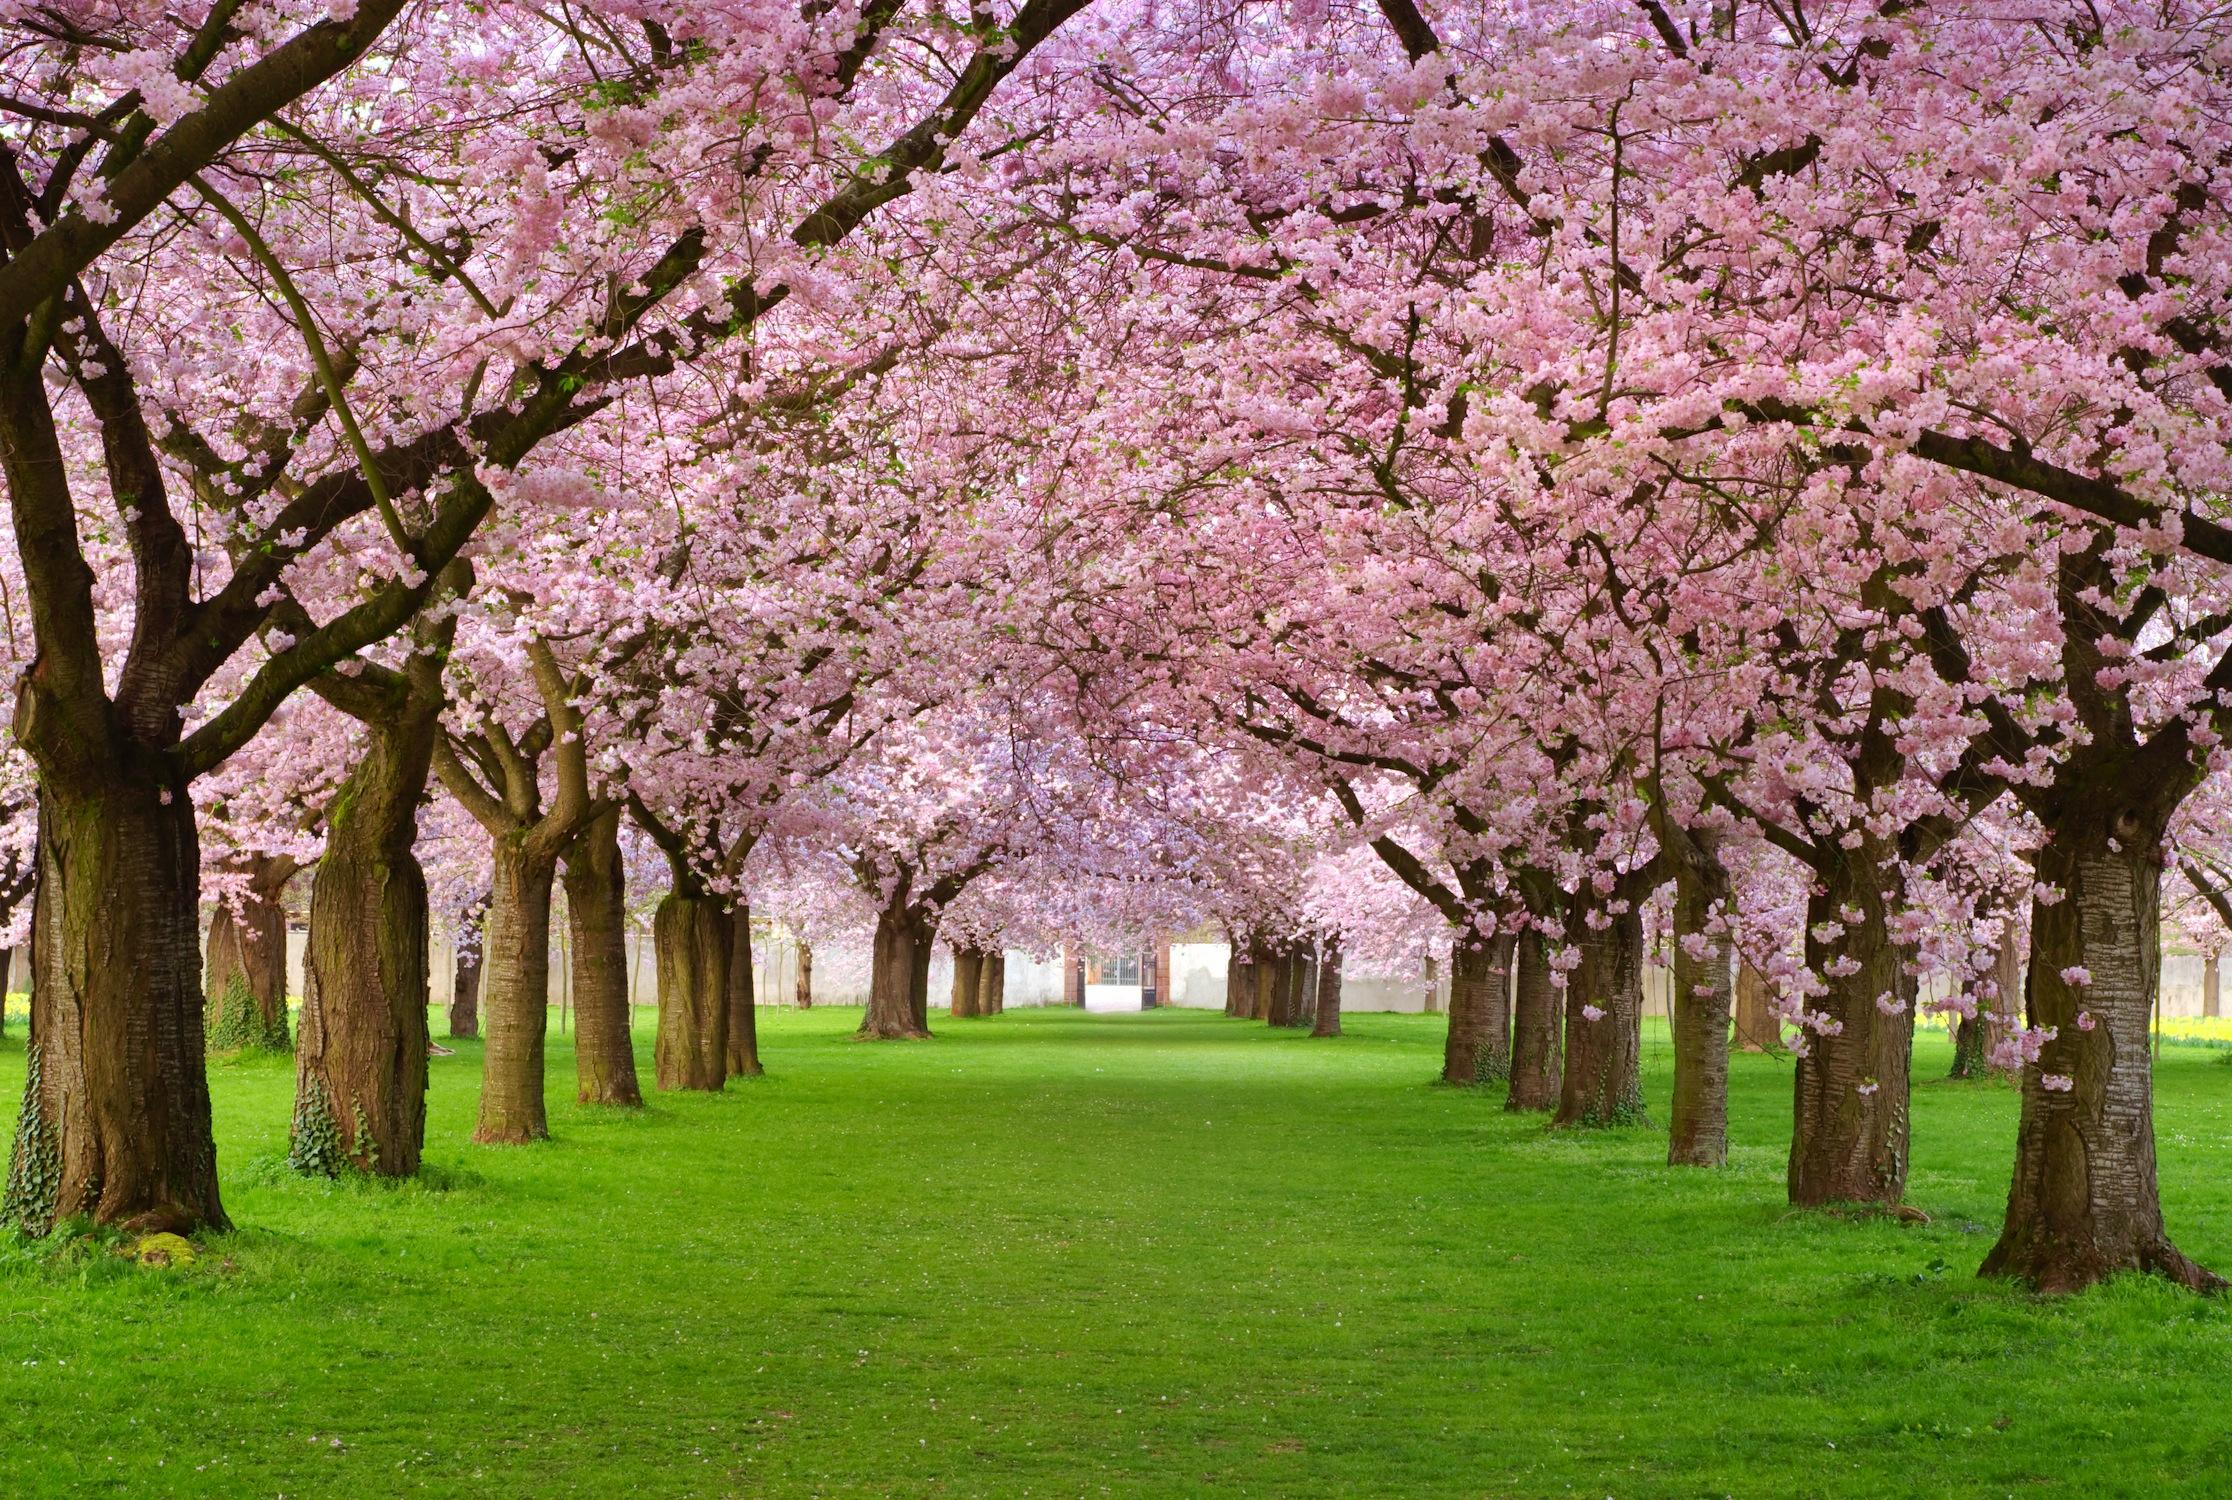 Ağaçlar Çiçek Açtı Duvar Kağıdı